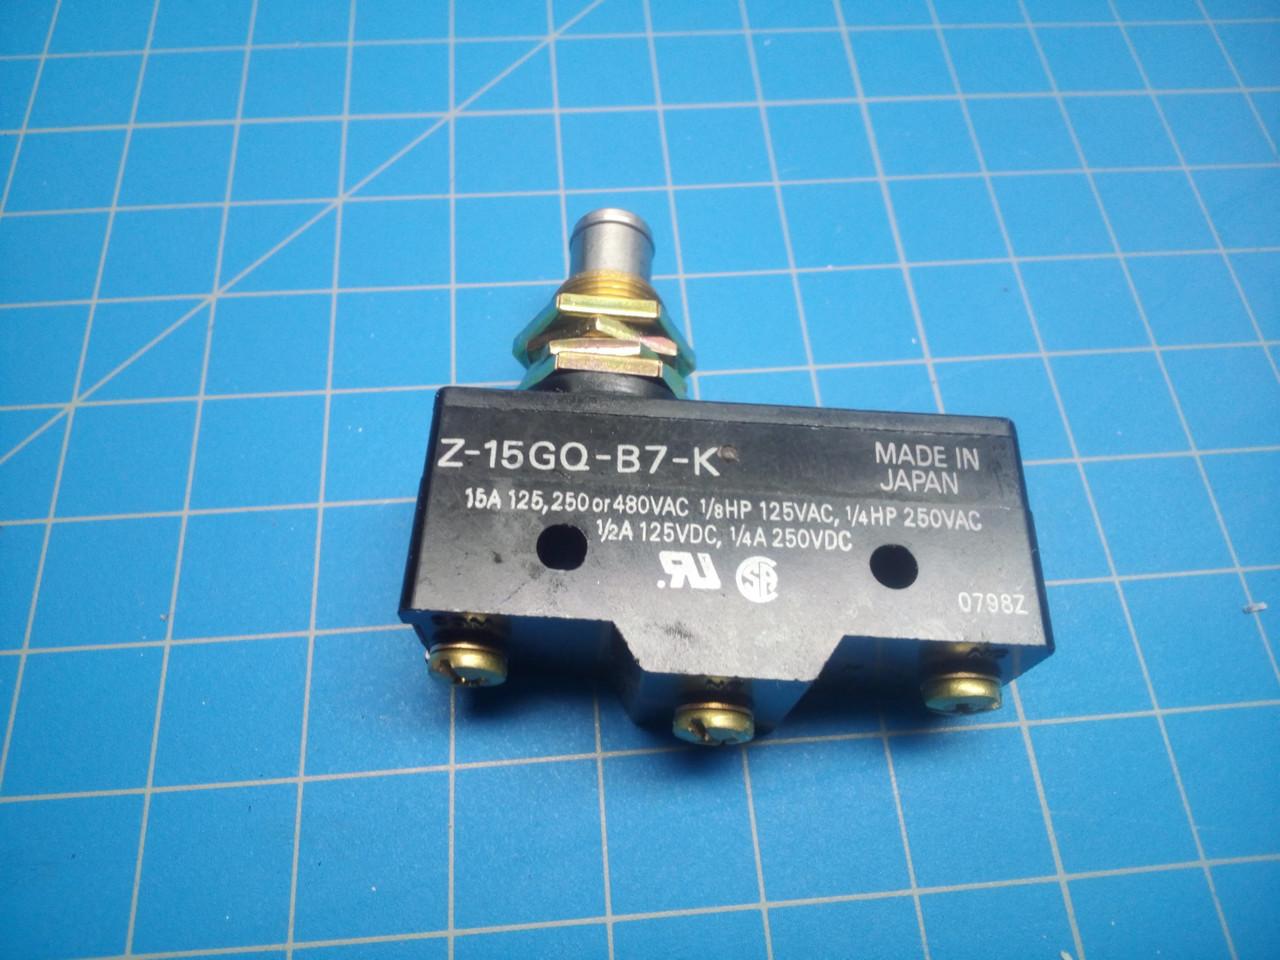 Omron Snap Switch Z-15GQ-B7-K - P01-000136